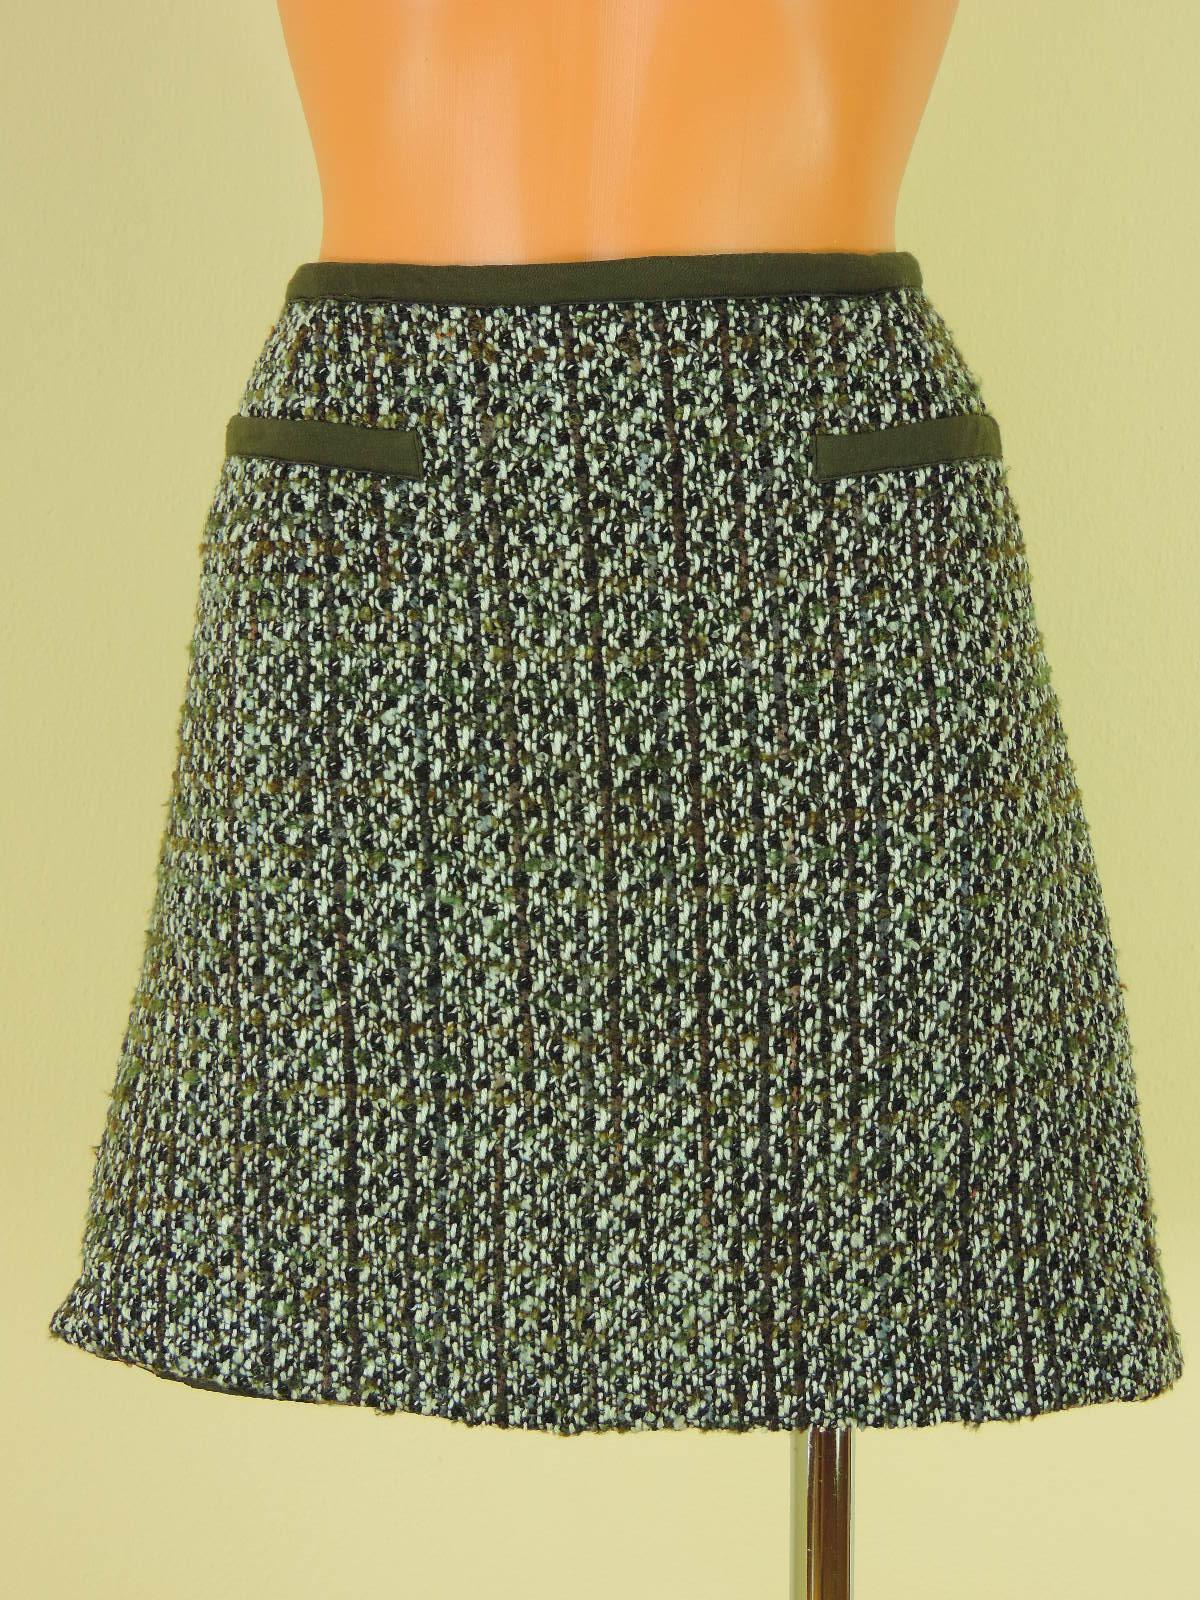 Teplá melírovaná sukně - Second hand online - Fashion Princess Kate ce6cafc153